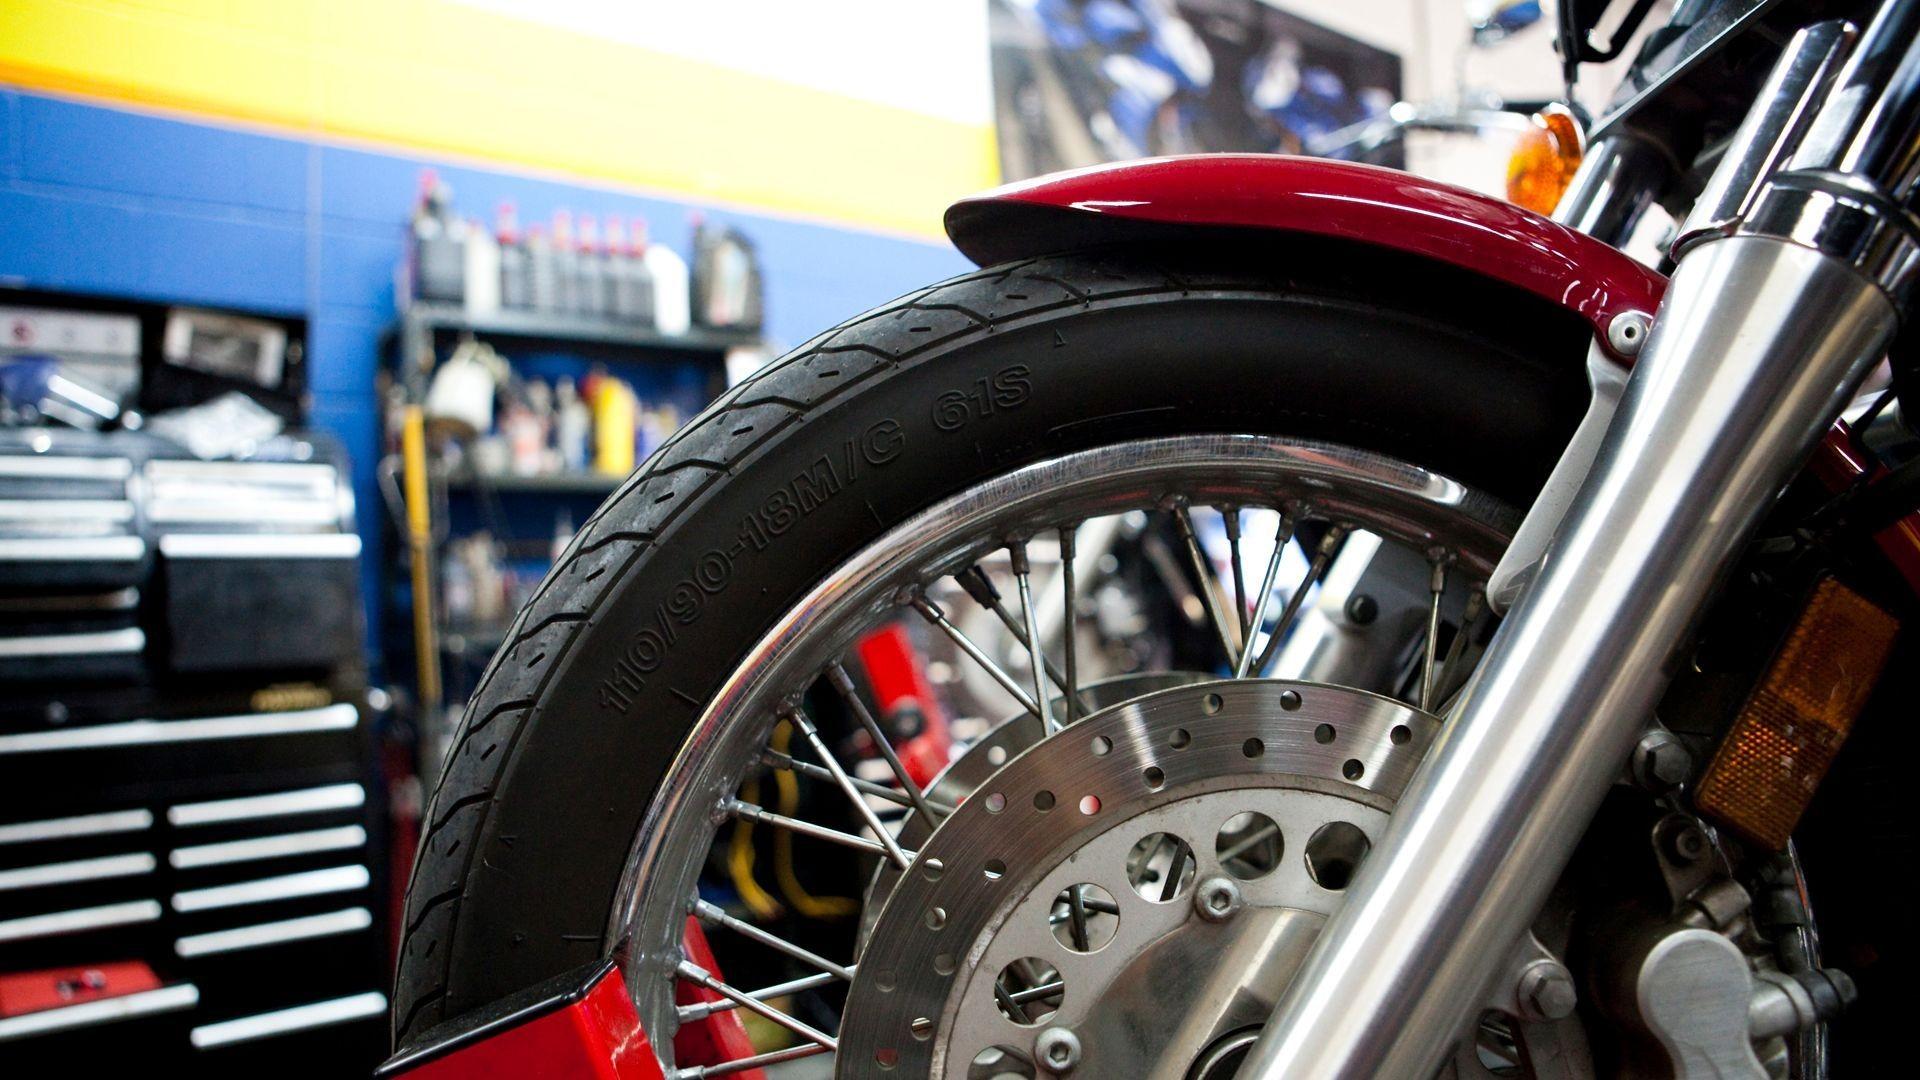 Taller especializado en motos en L'Hospitalet de Llobregat